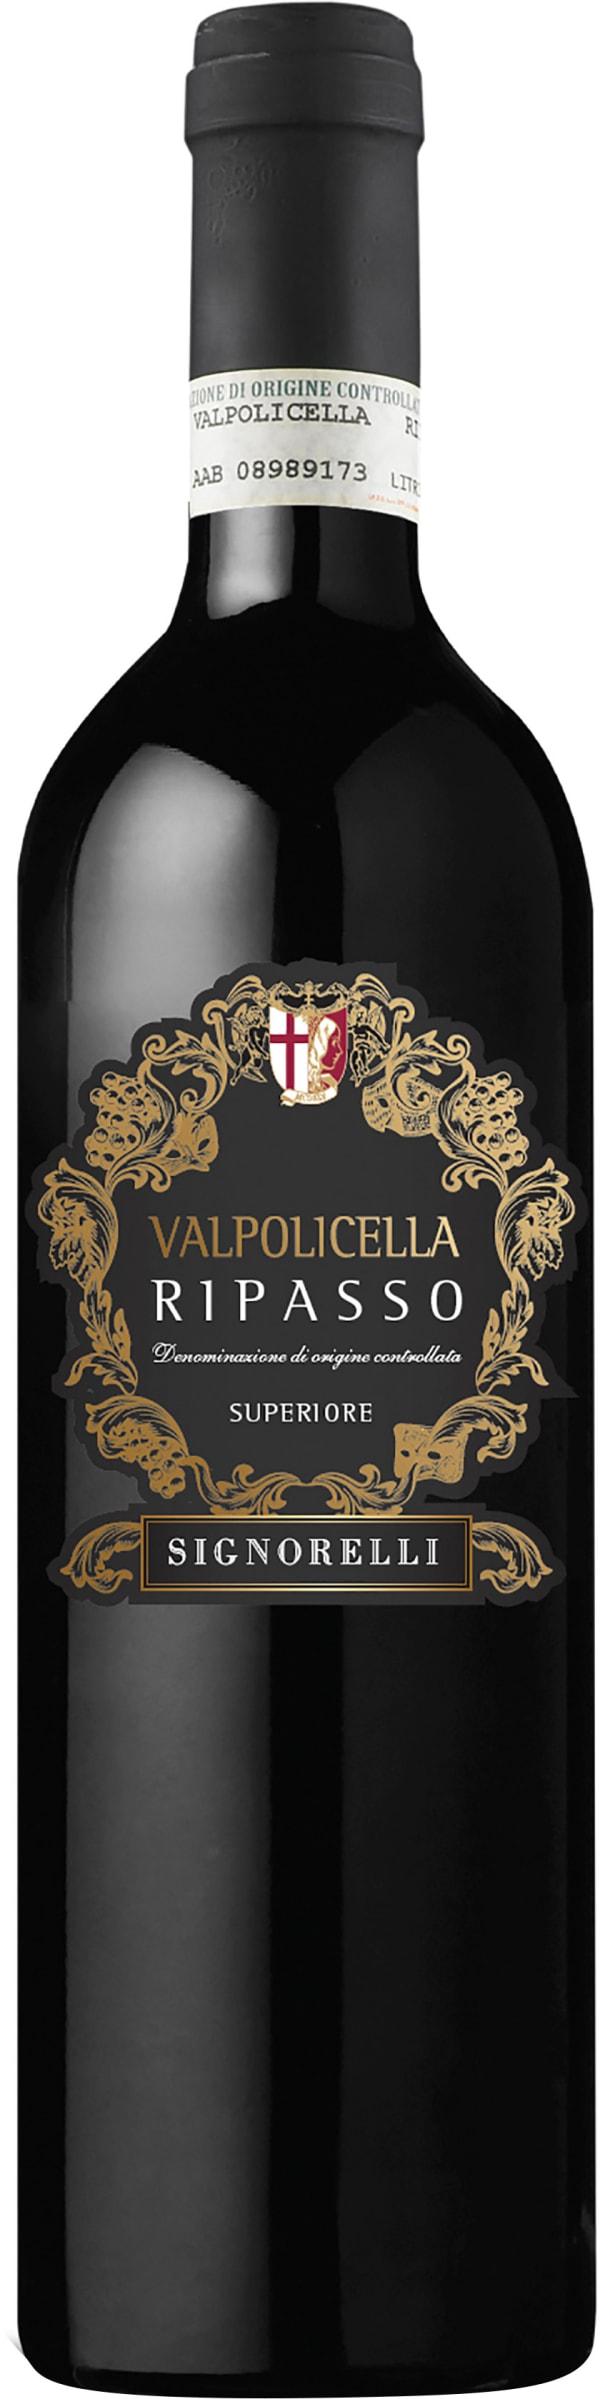 Signorelli Valpolicella Ripasso Superiore 2016